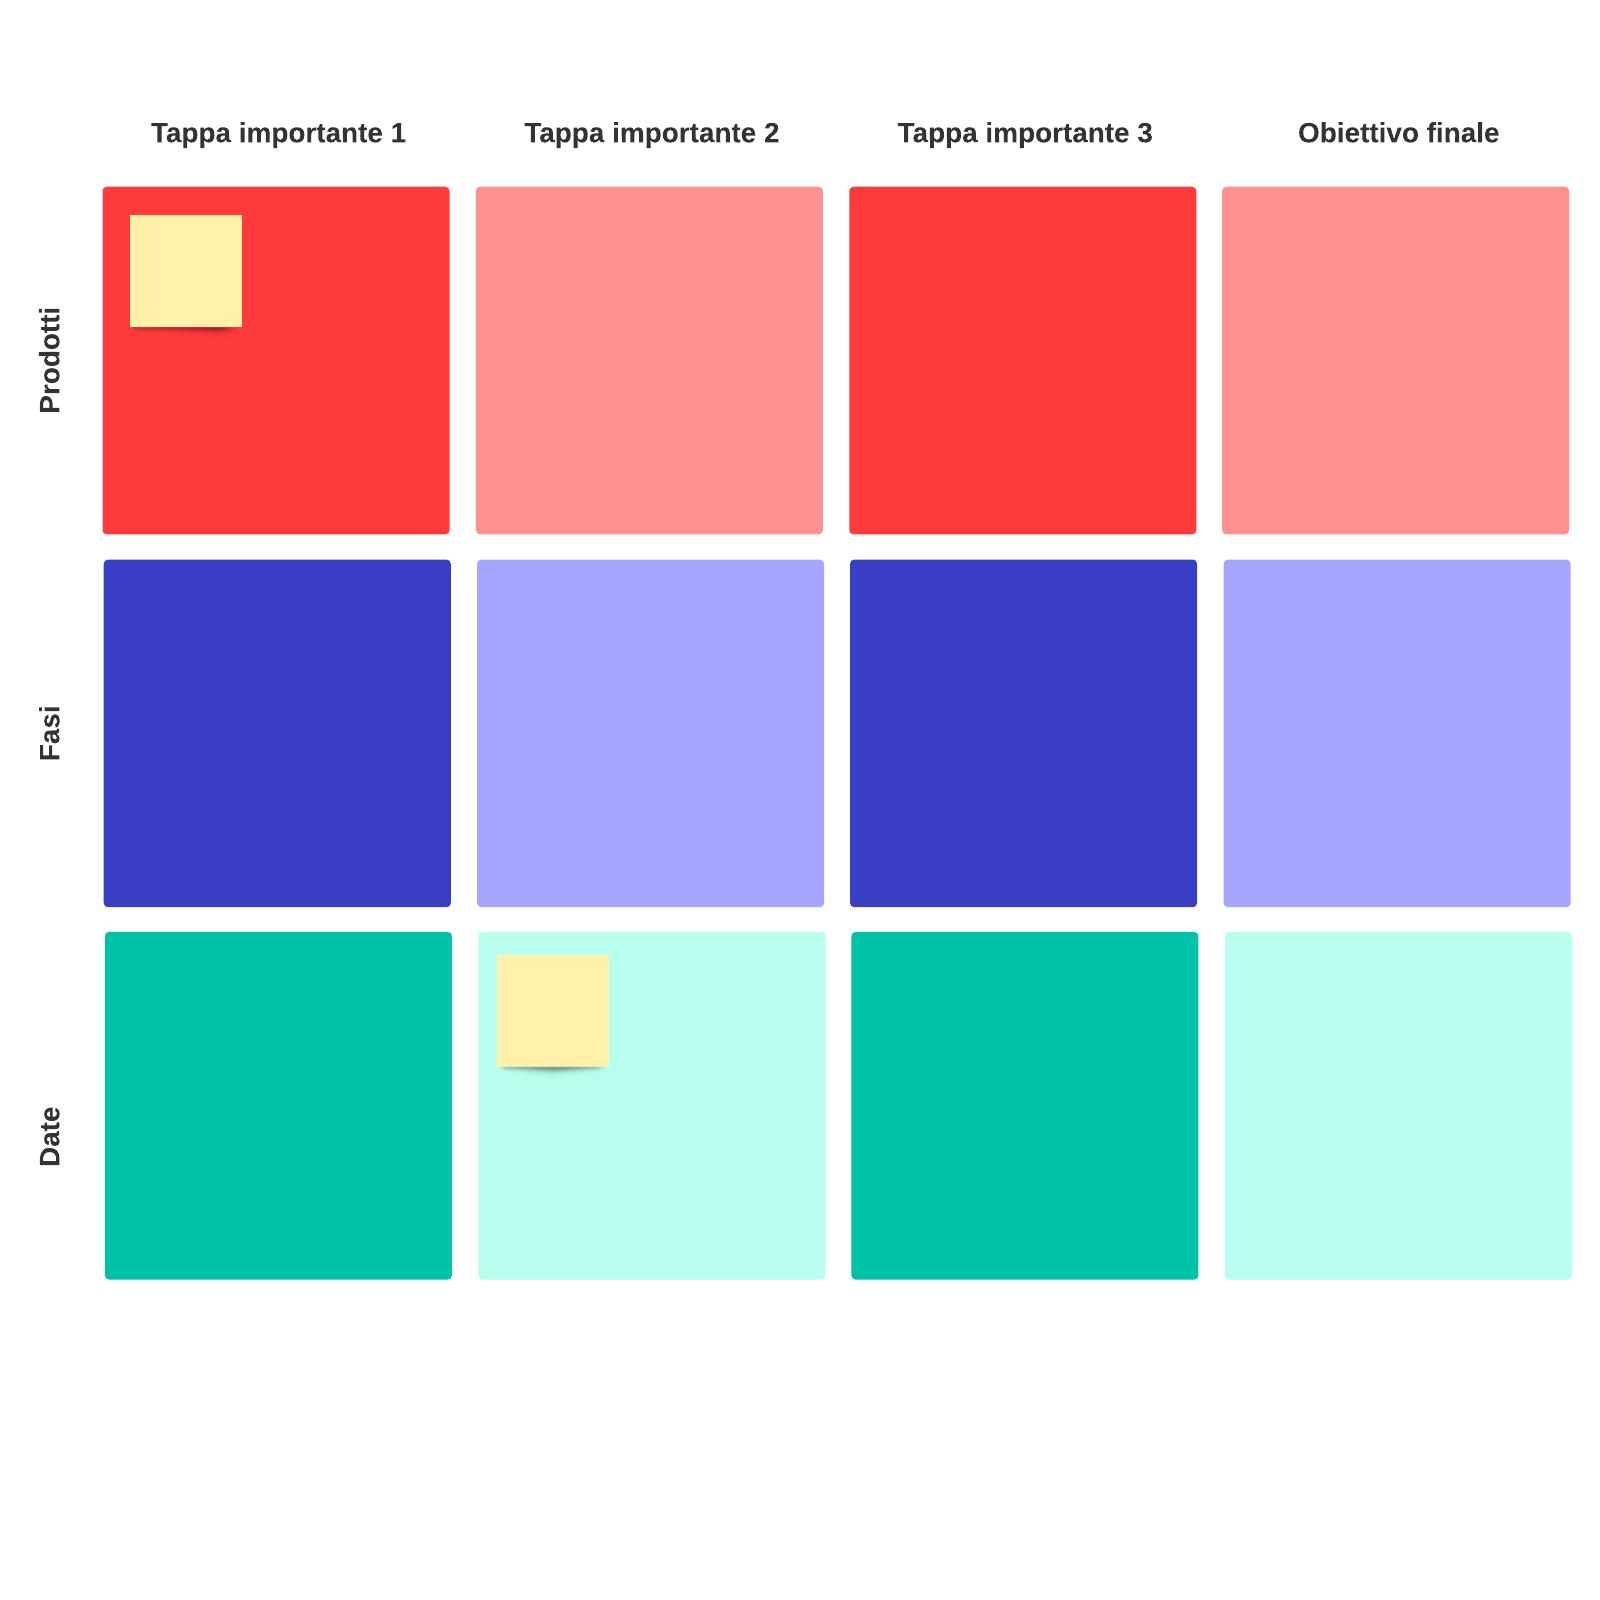 modello di grafico delle tappe importanti